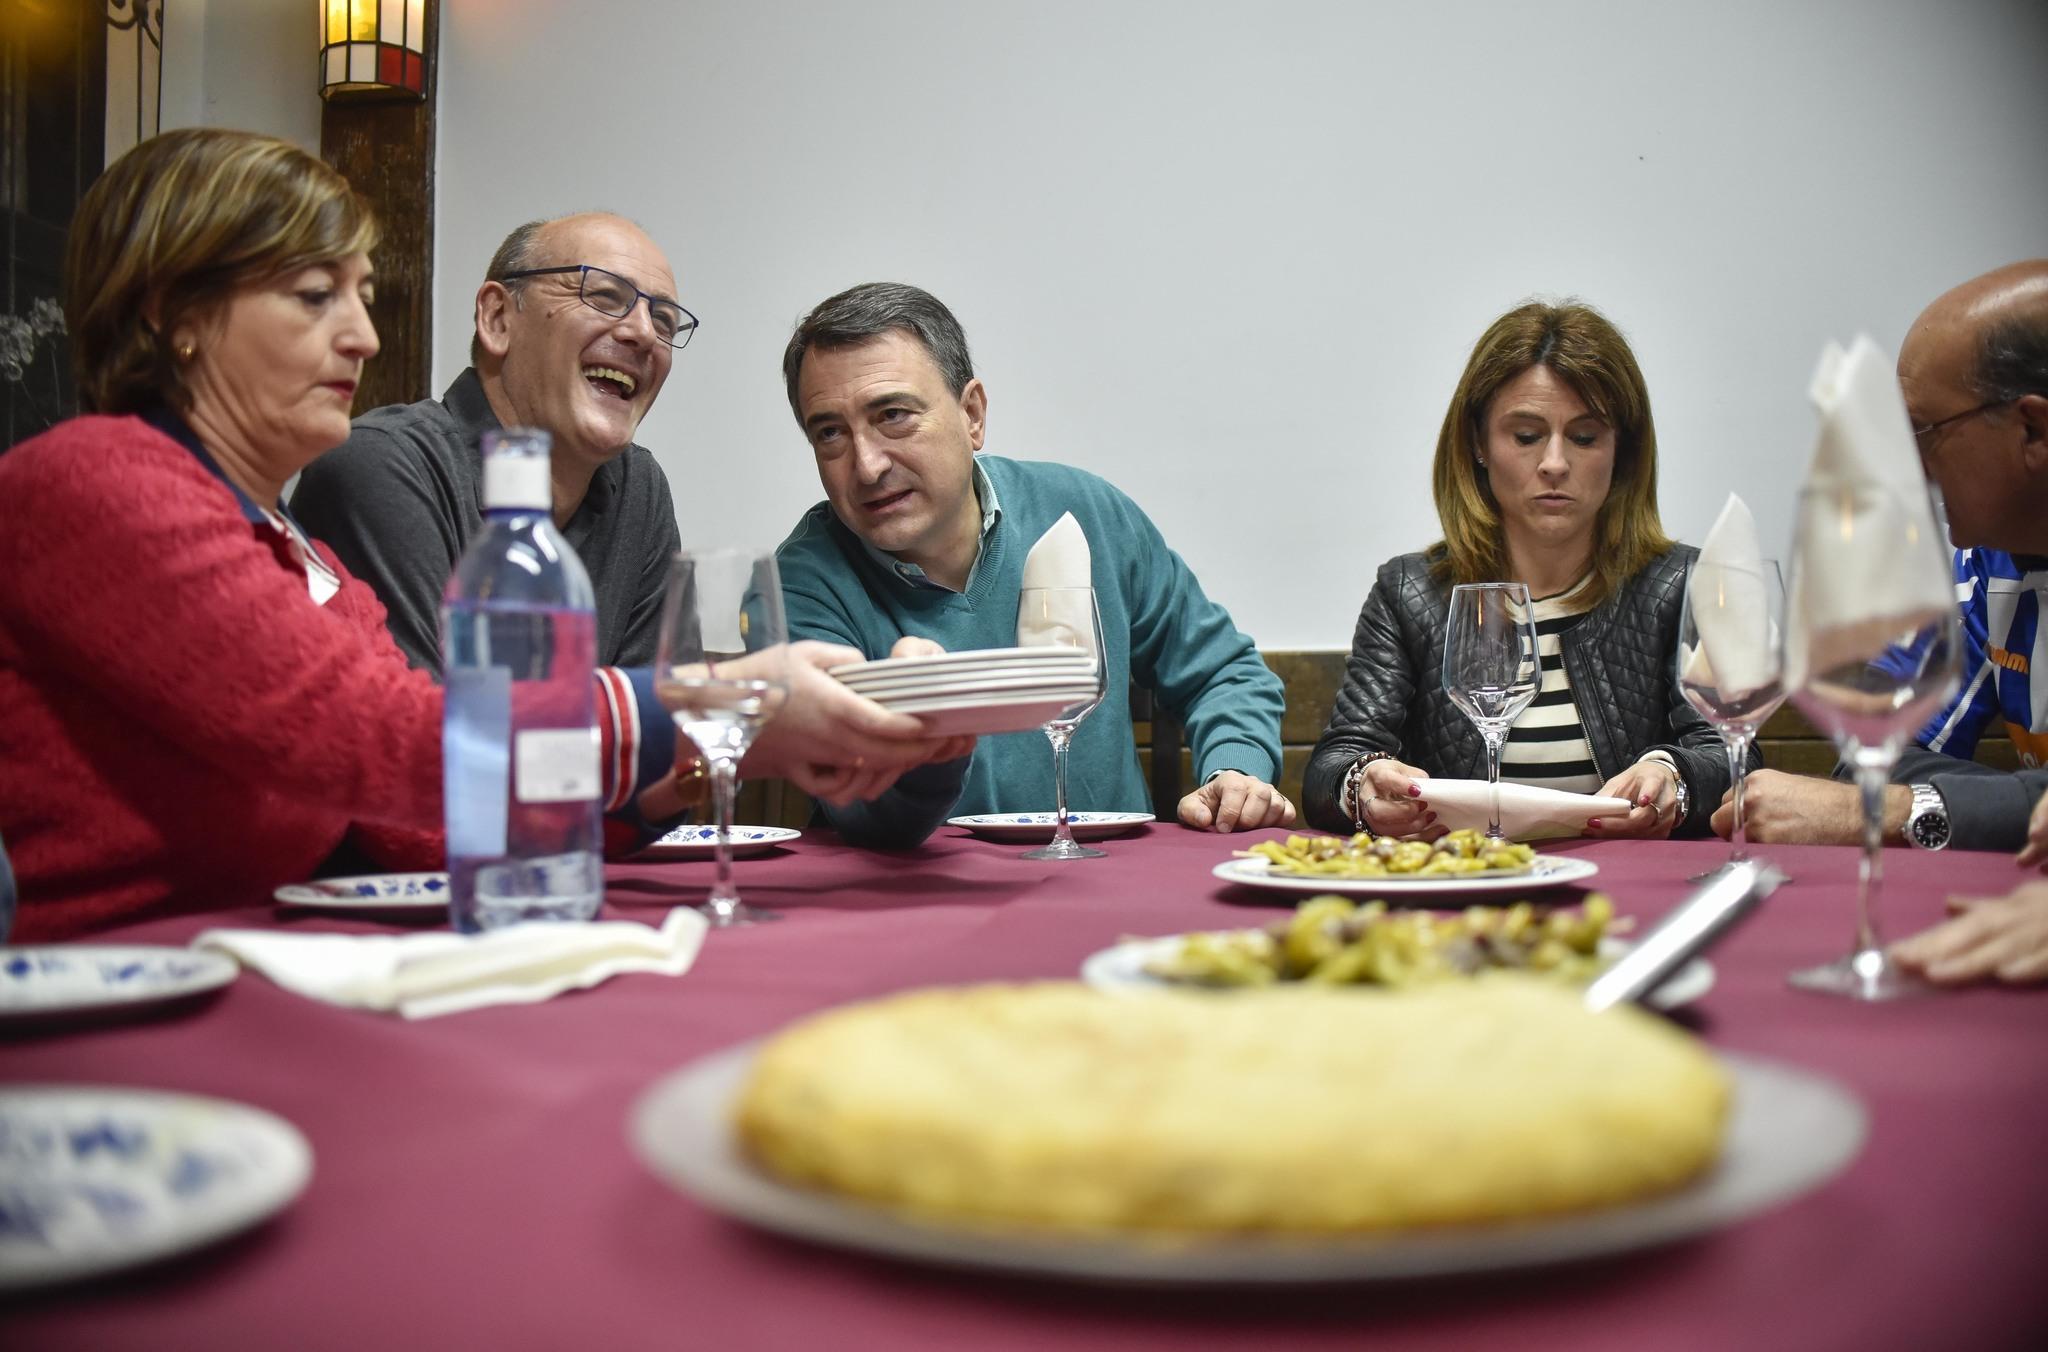 Candidatos del PNV disfrutan de un 'hamaiketako' en el 'batzoki' de Indautxu.